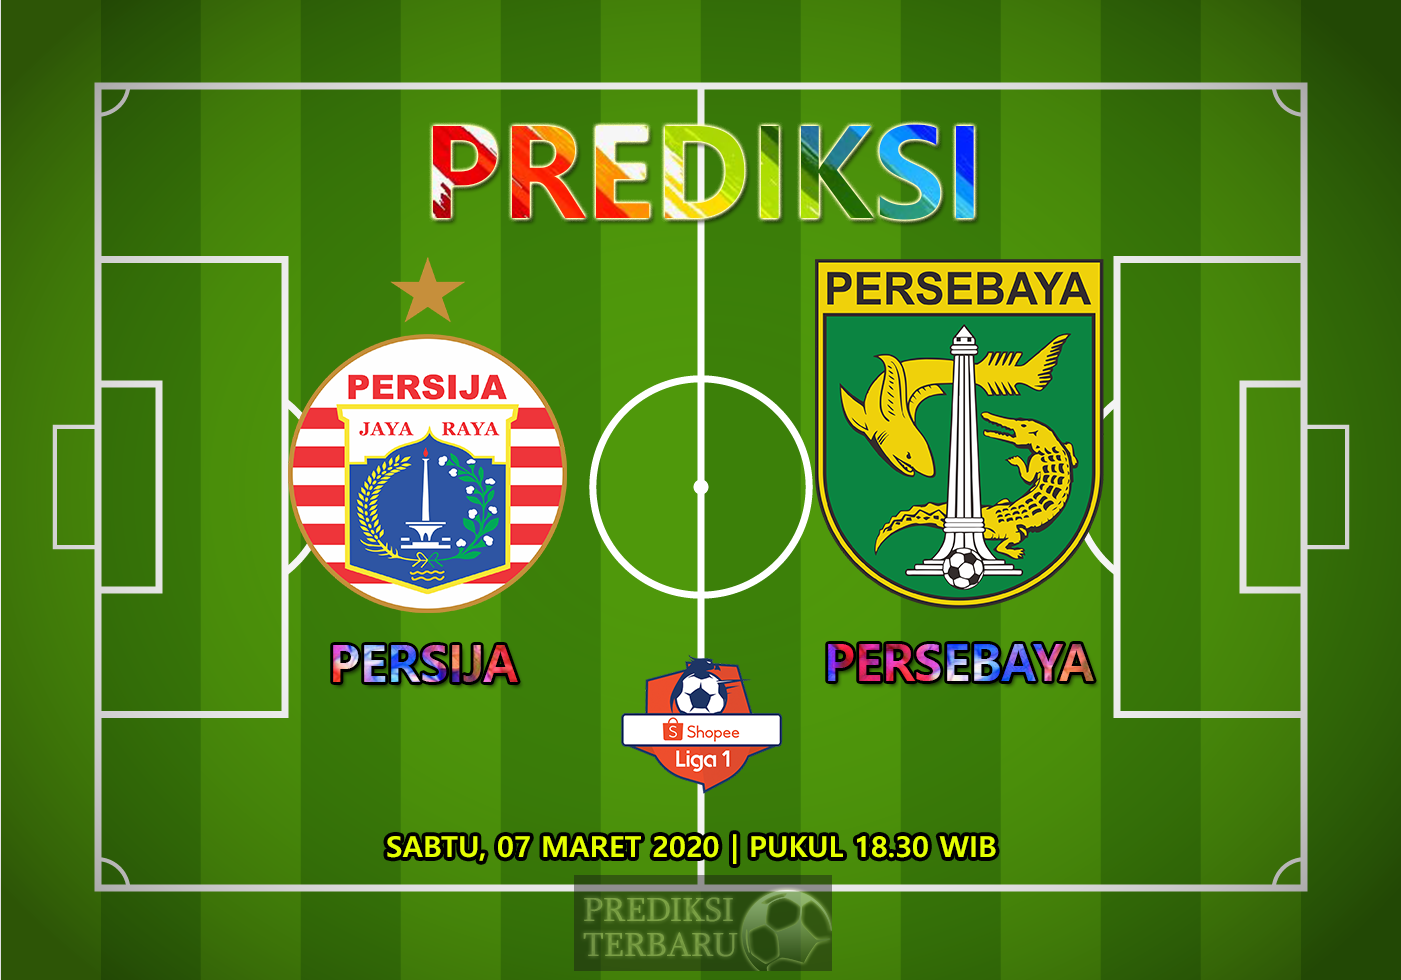 Prediksi Persija Vs Persebaya Surabaya Sabtu 07 Maret